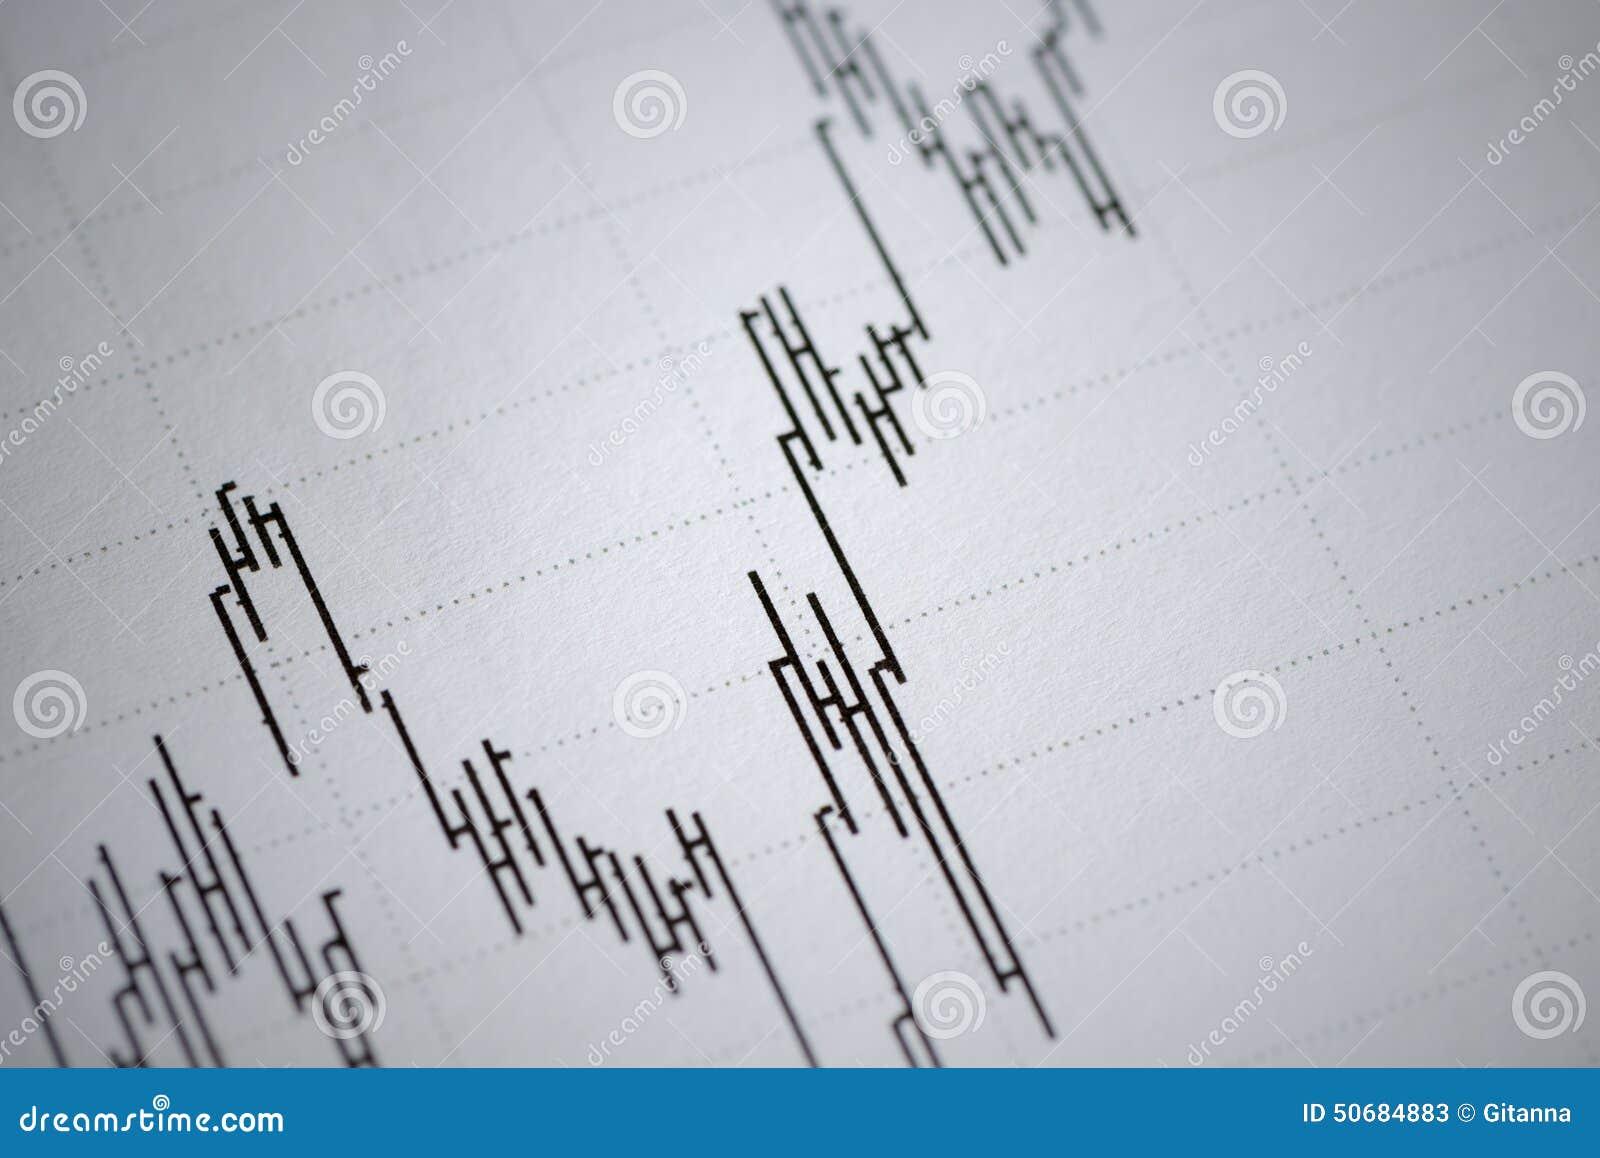 Download 财政机会的研究 库存图片. 图片 包括有 股票, 图表, 数据, 税务, 绘制, 替换, 收入, 计划, 无政府主义 - 50684883